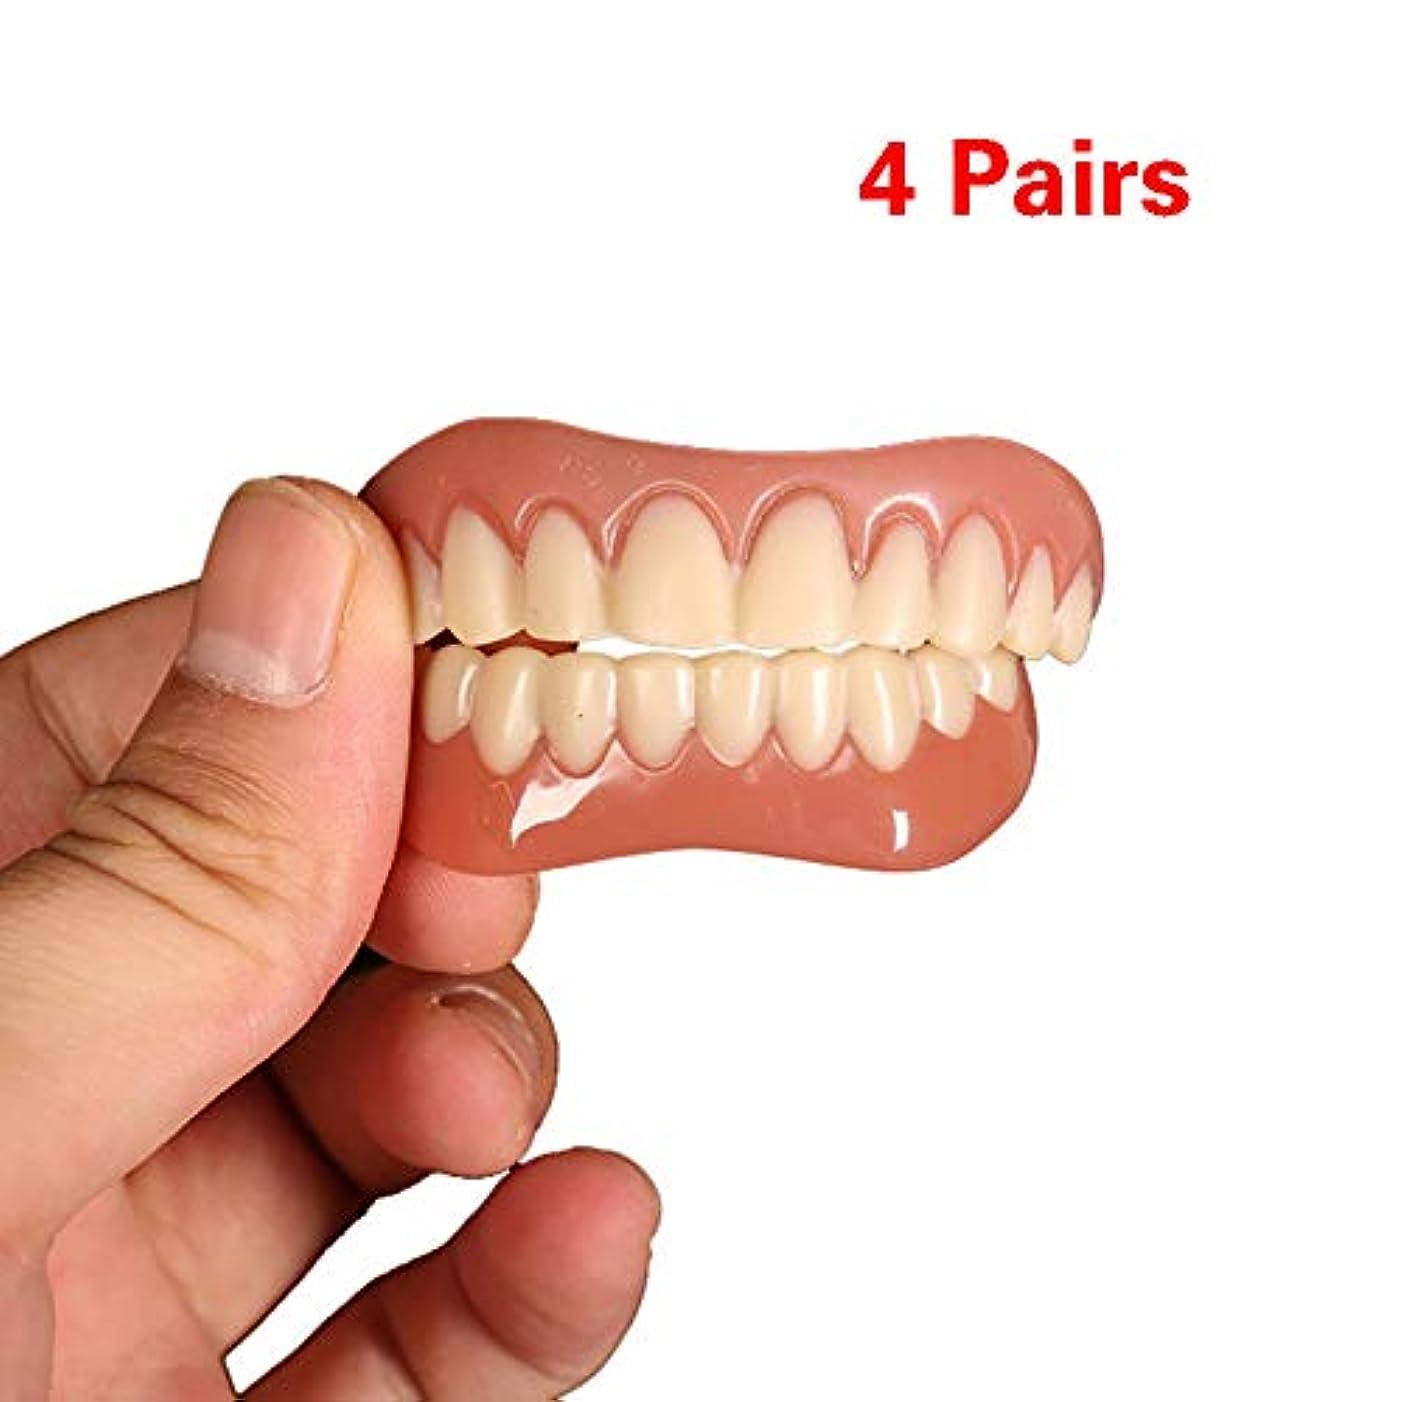 疲れたカエル火山学者歯の快適さフィットフレックス化粧品の歯義歯歯の上+下化粧品のベニヤシミュレーションブレース